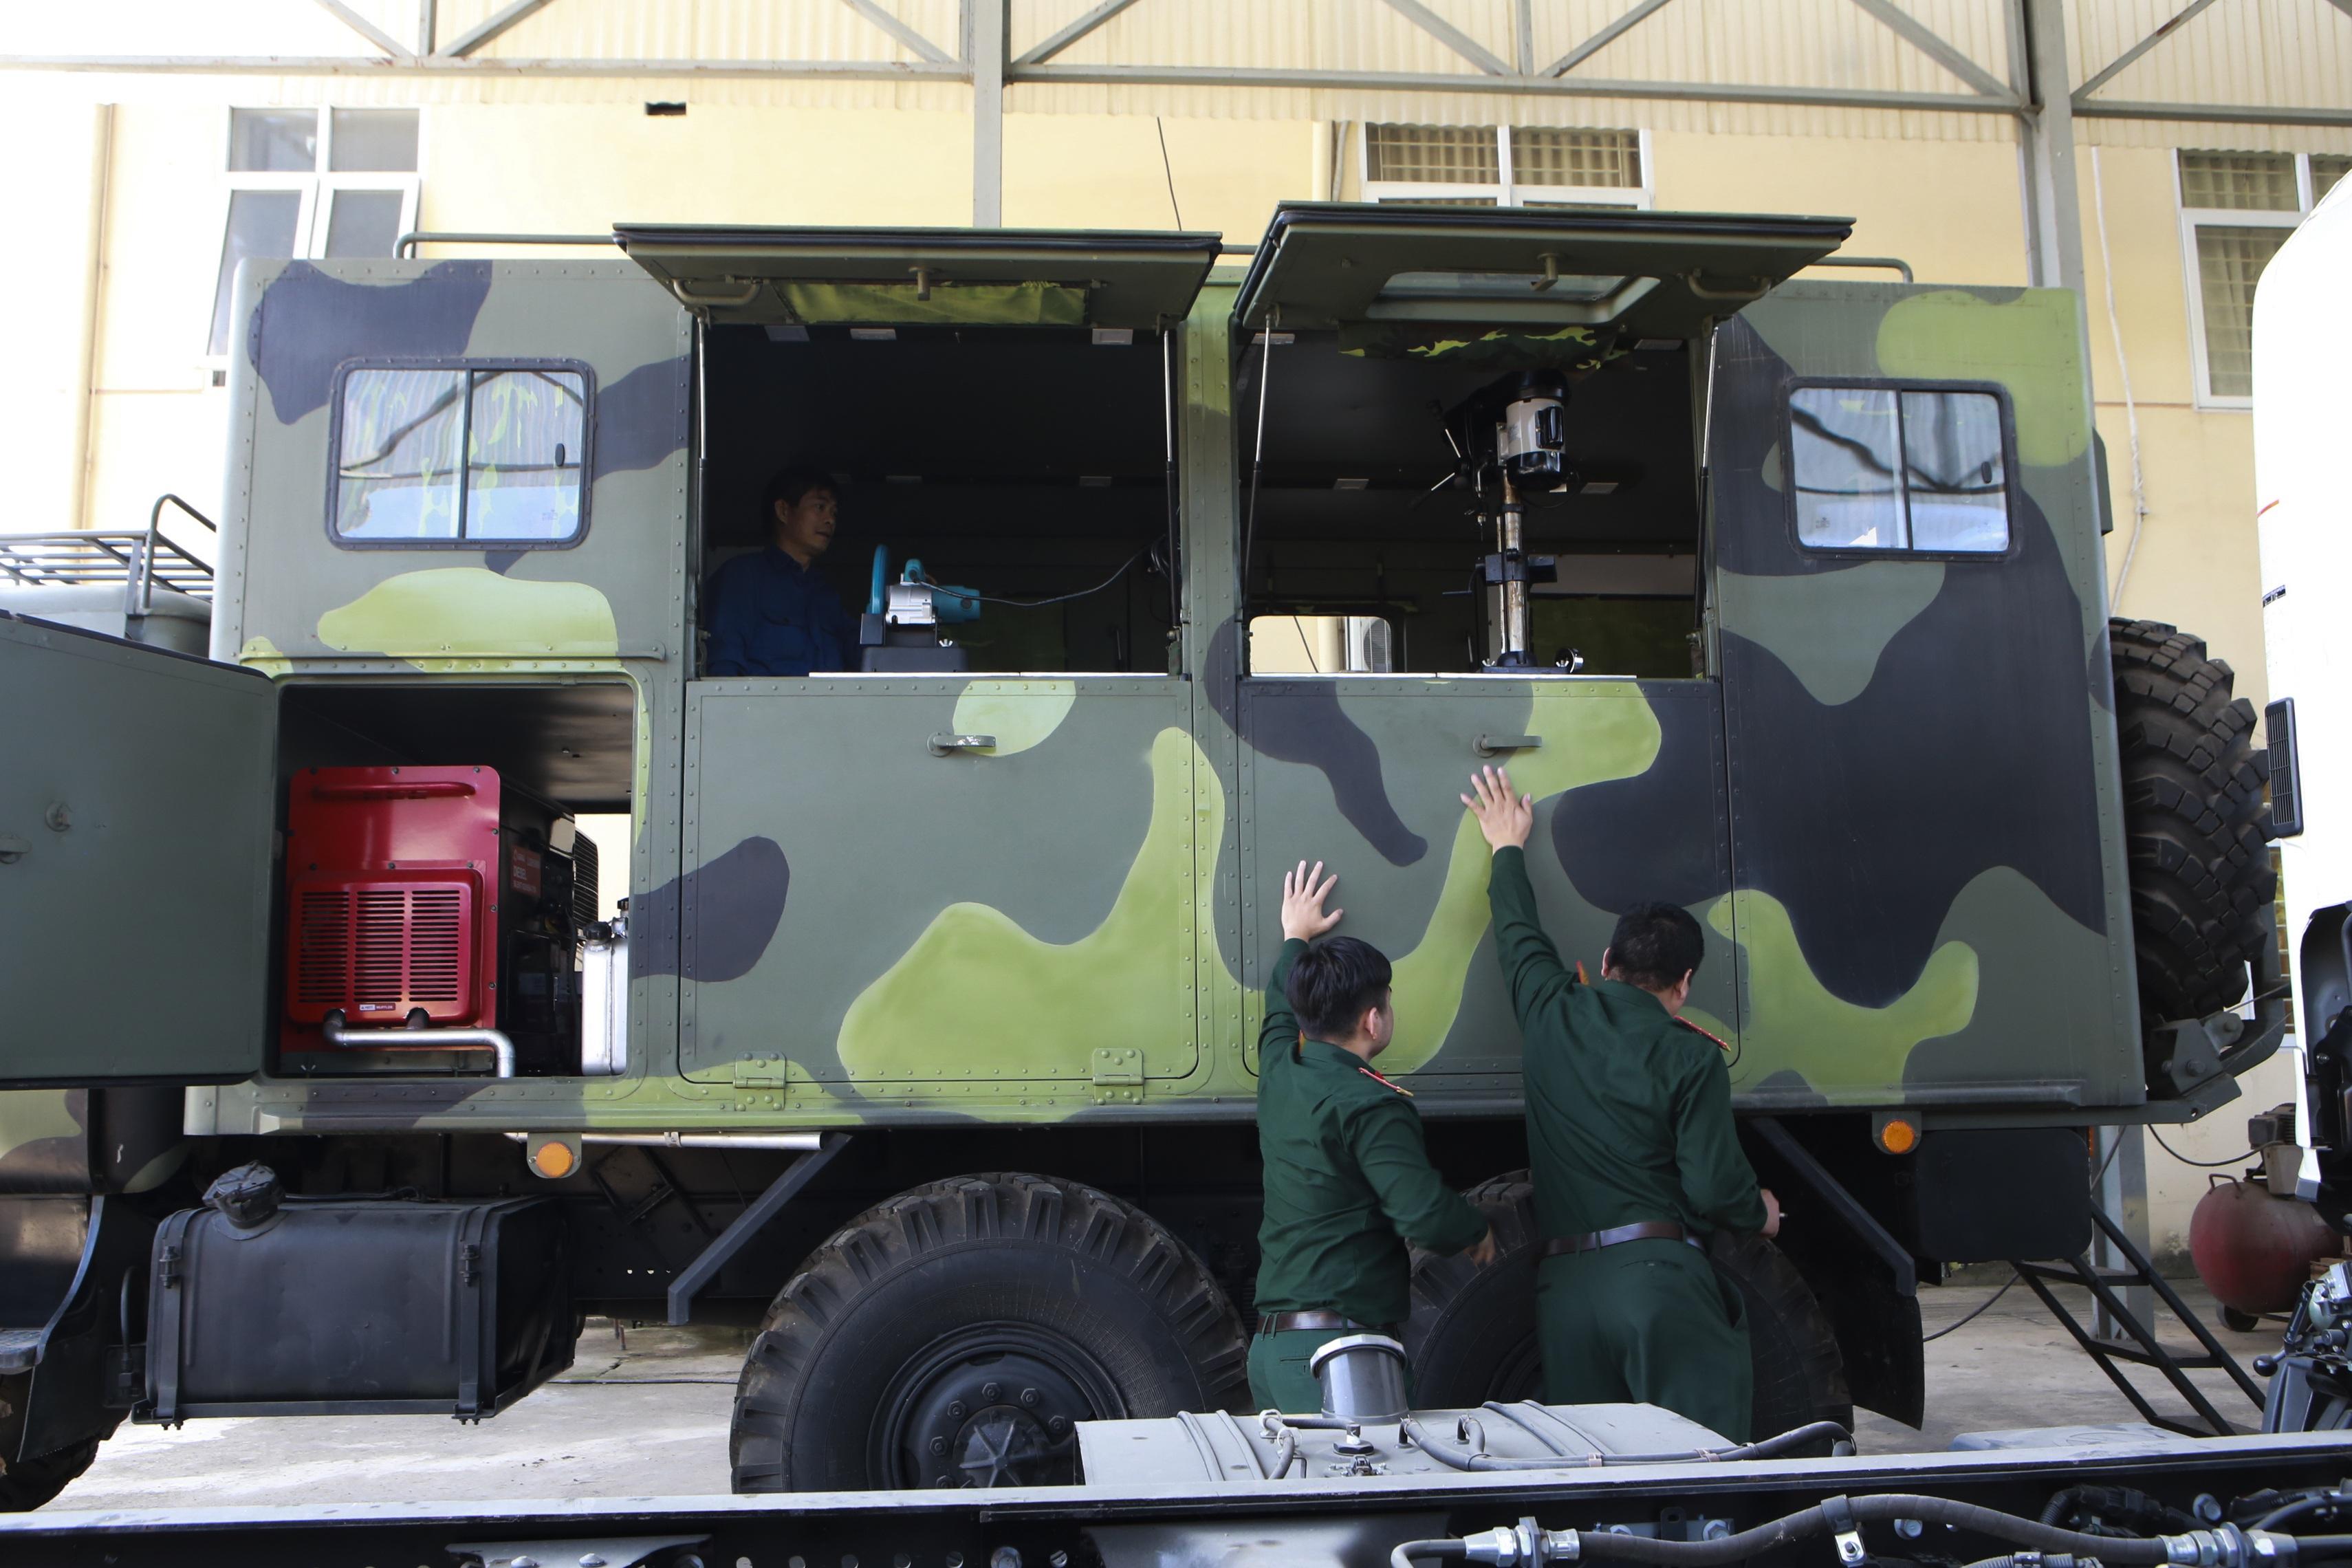 Khám phá xe công trình sửa chữa cơ khí tổng hợp của Quân đội Nhân dân Việt Nam - 2